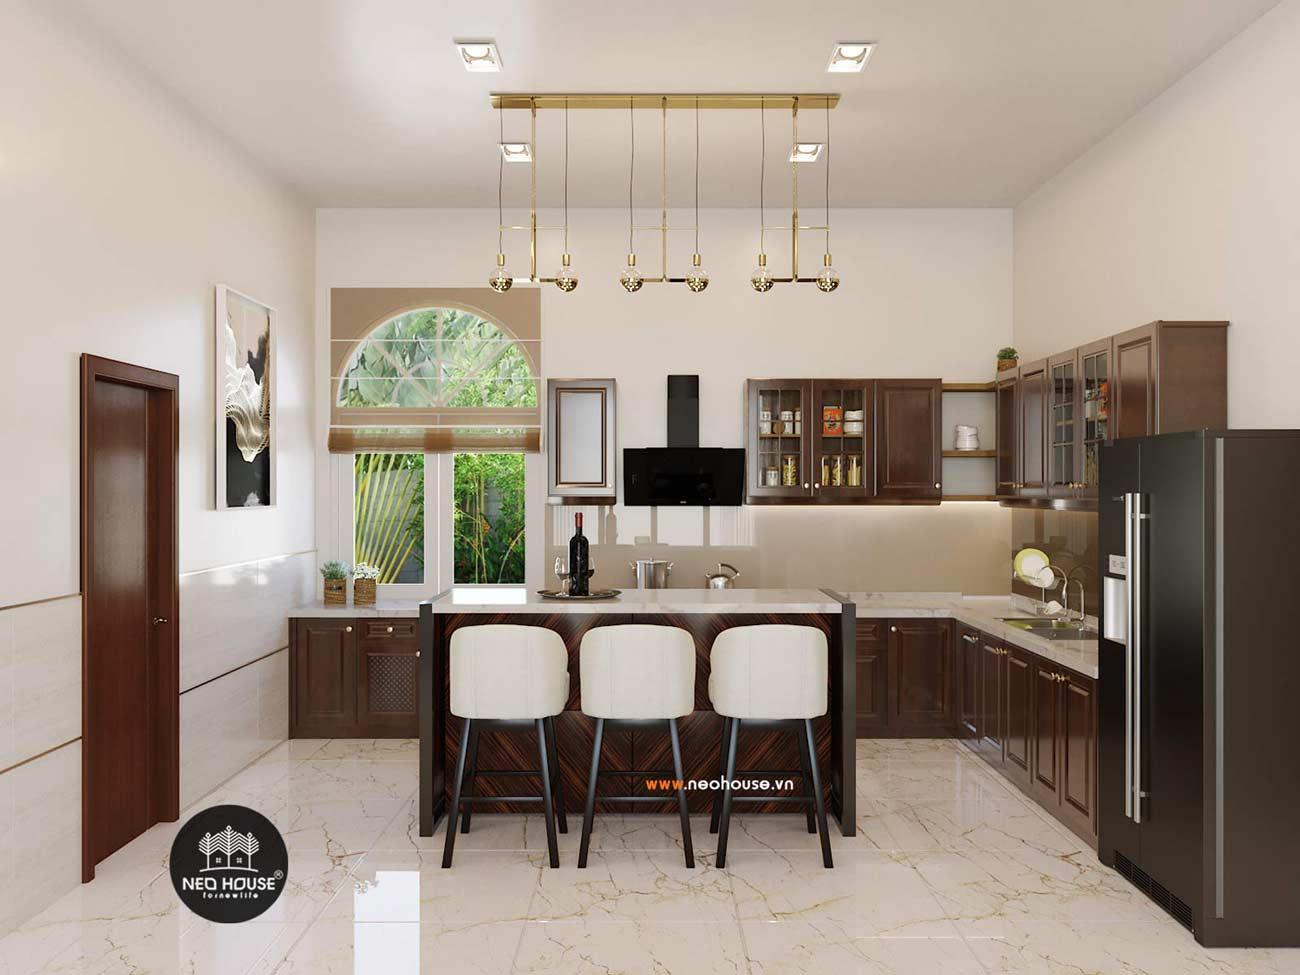 thiết kế nội thất biệt thự vườn phòng bếp